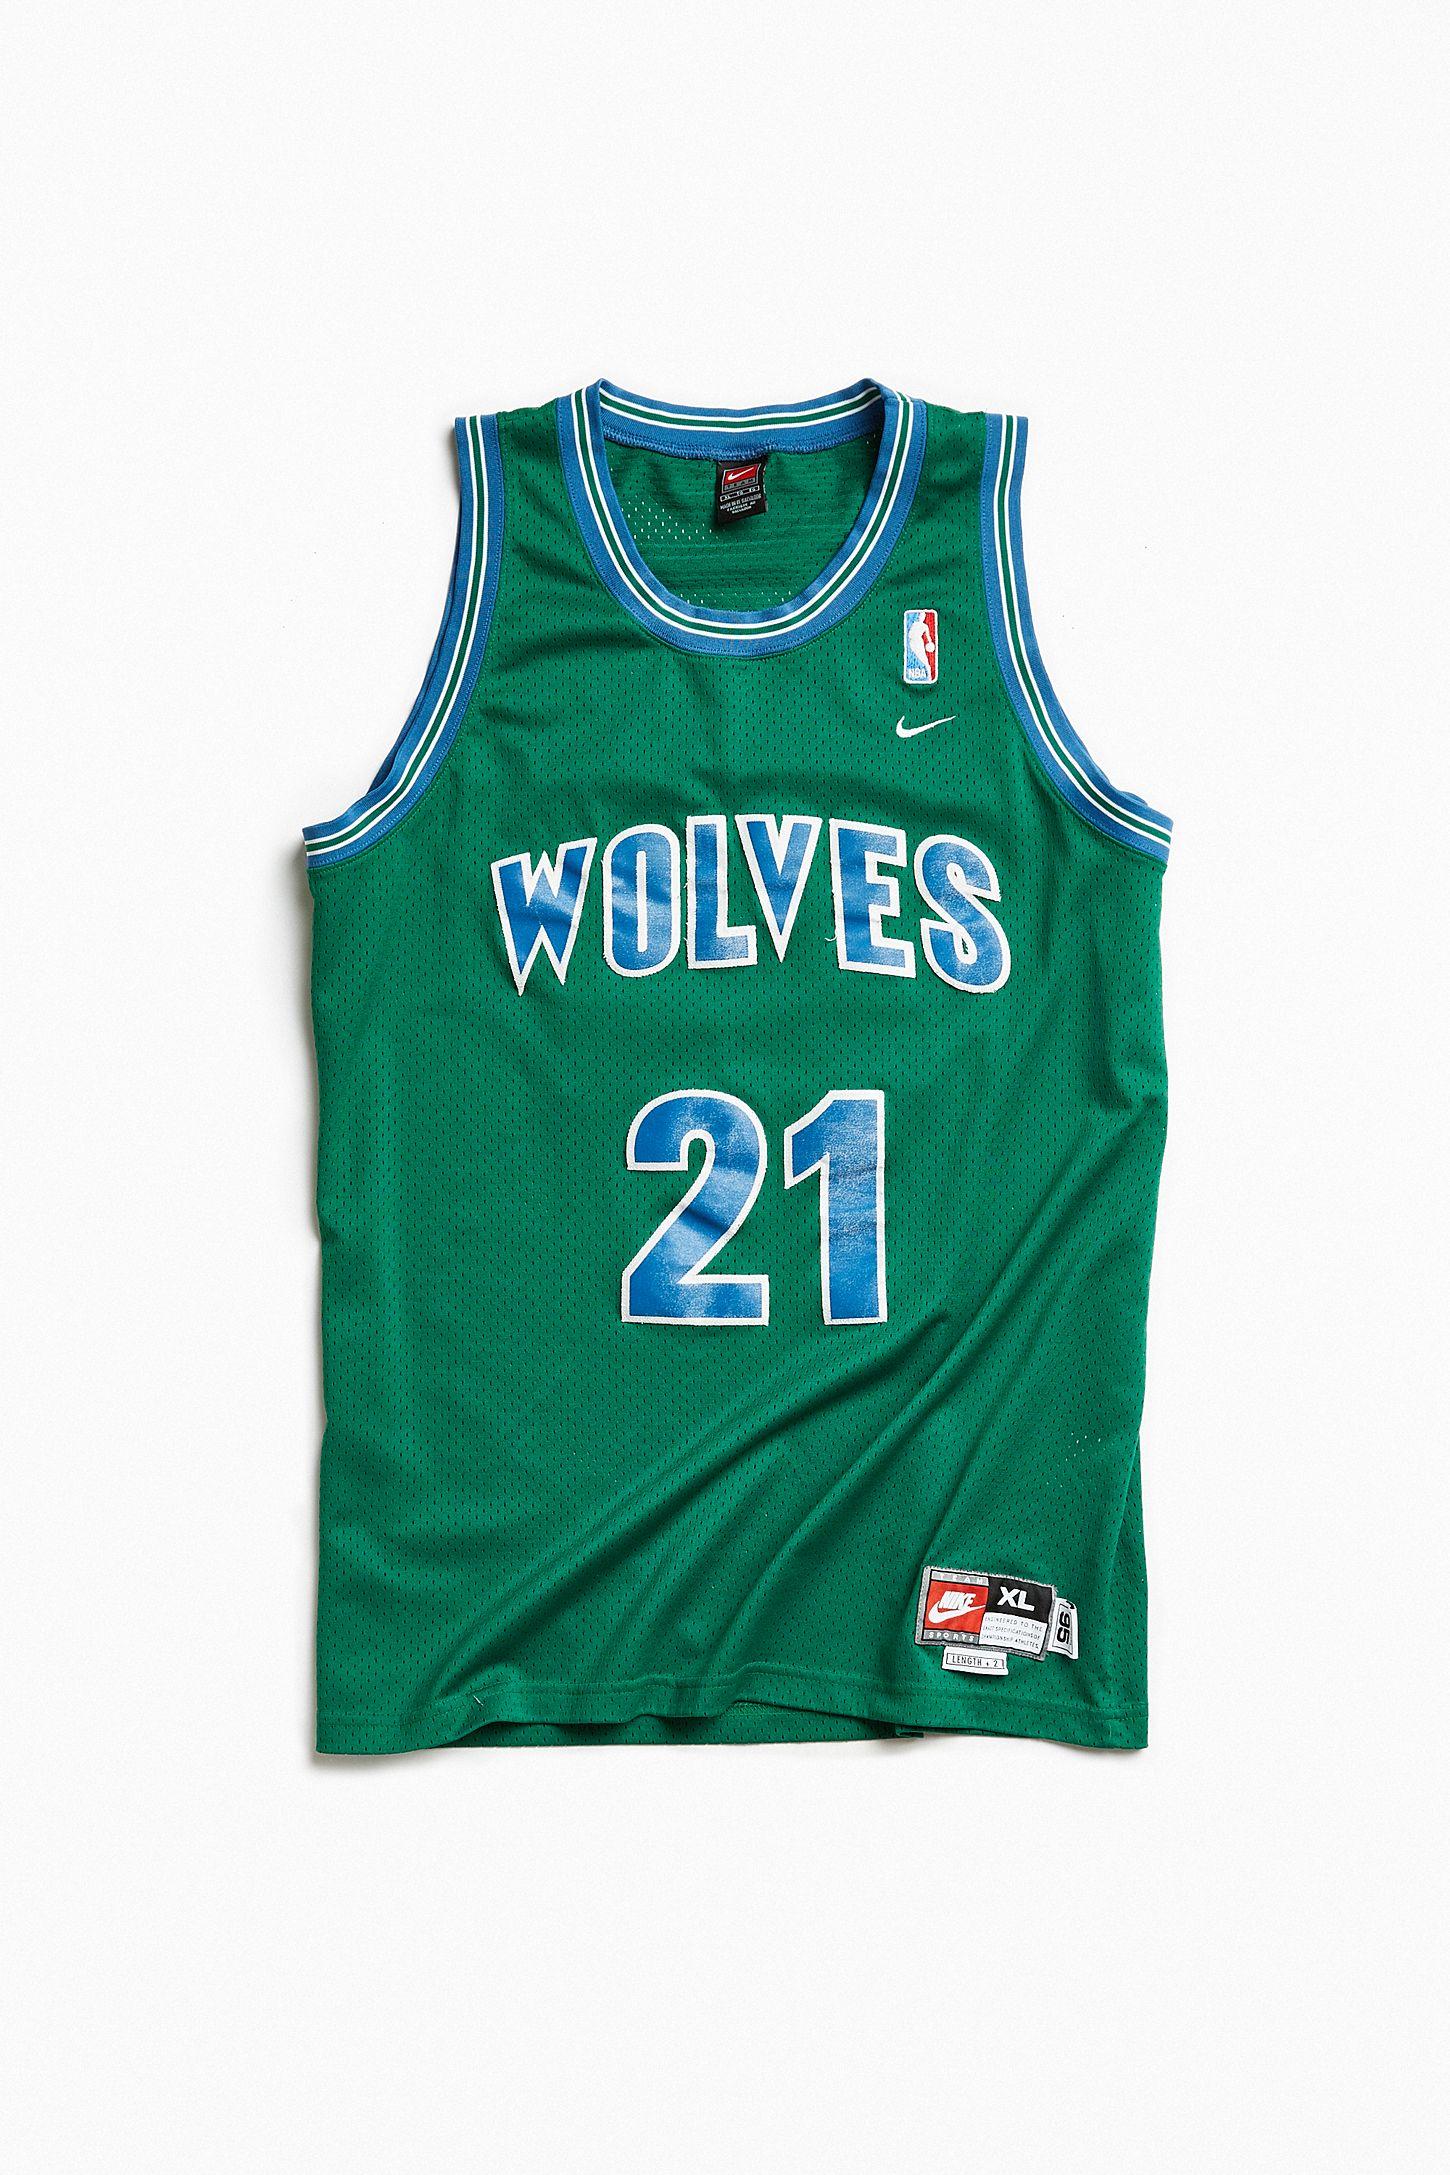 02dbe0ef50d Vintage Kevin Garnett Wolves Green Jersey